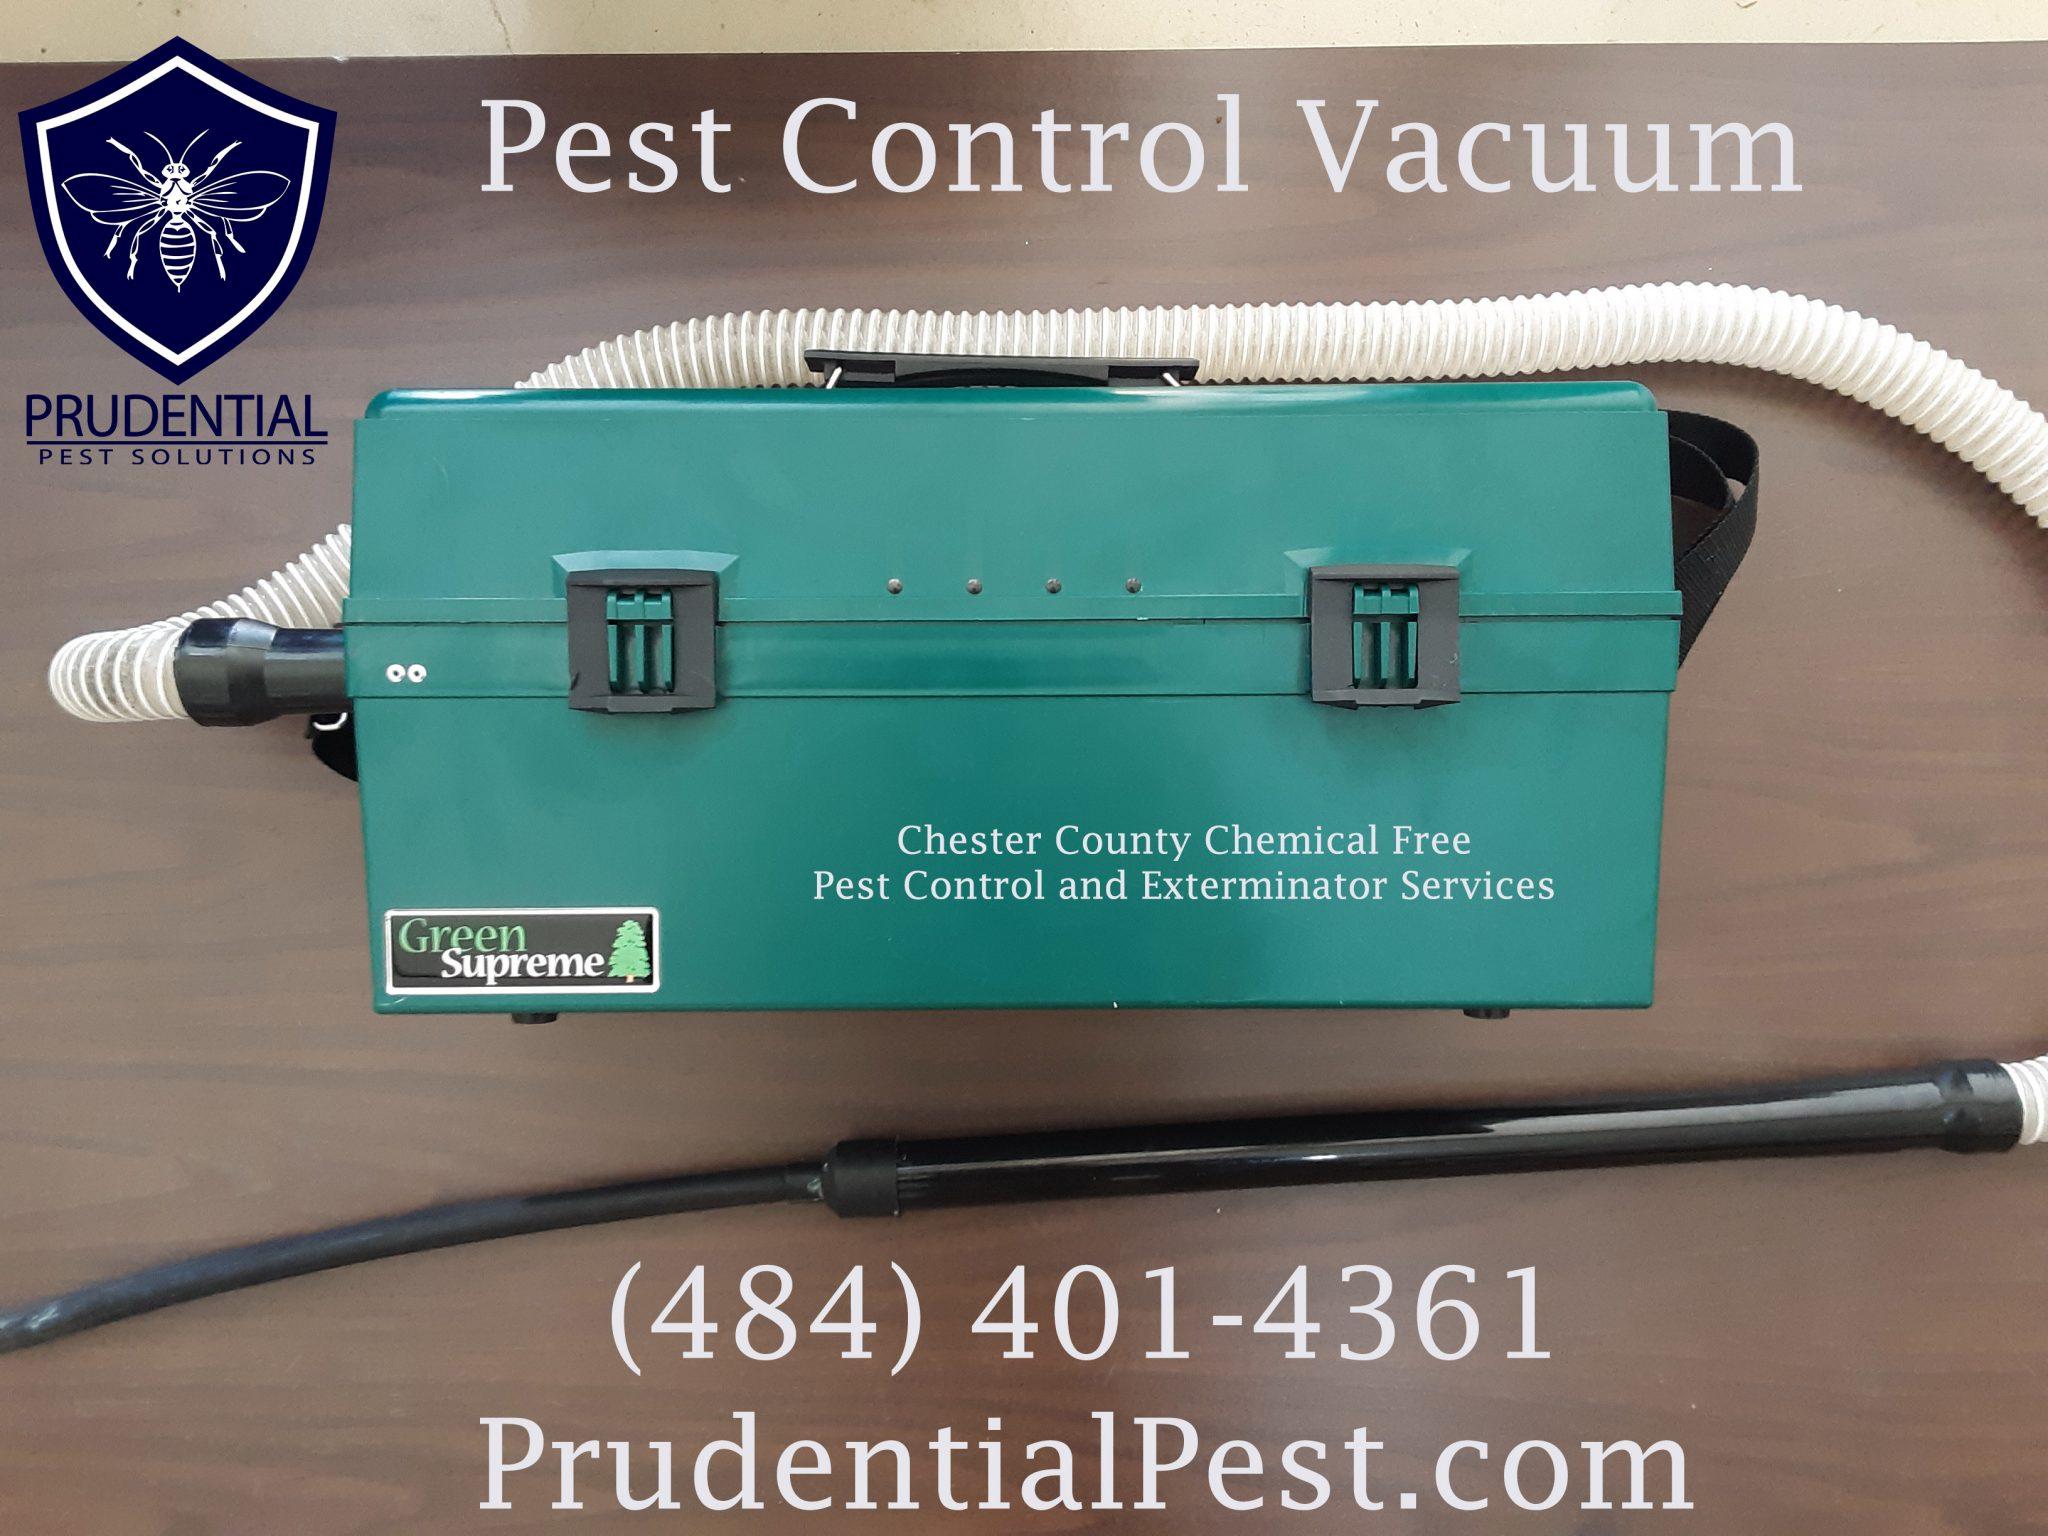 Pest Control Vacuum